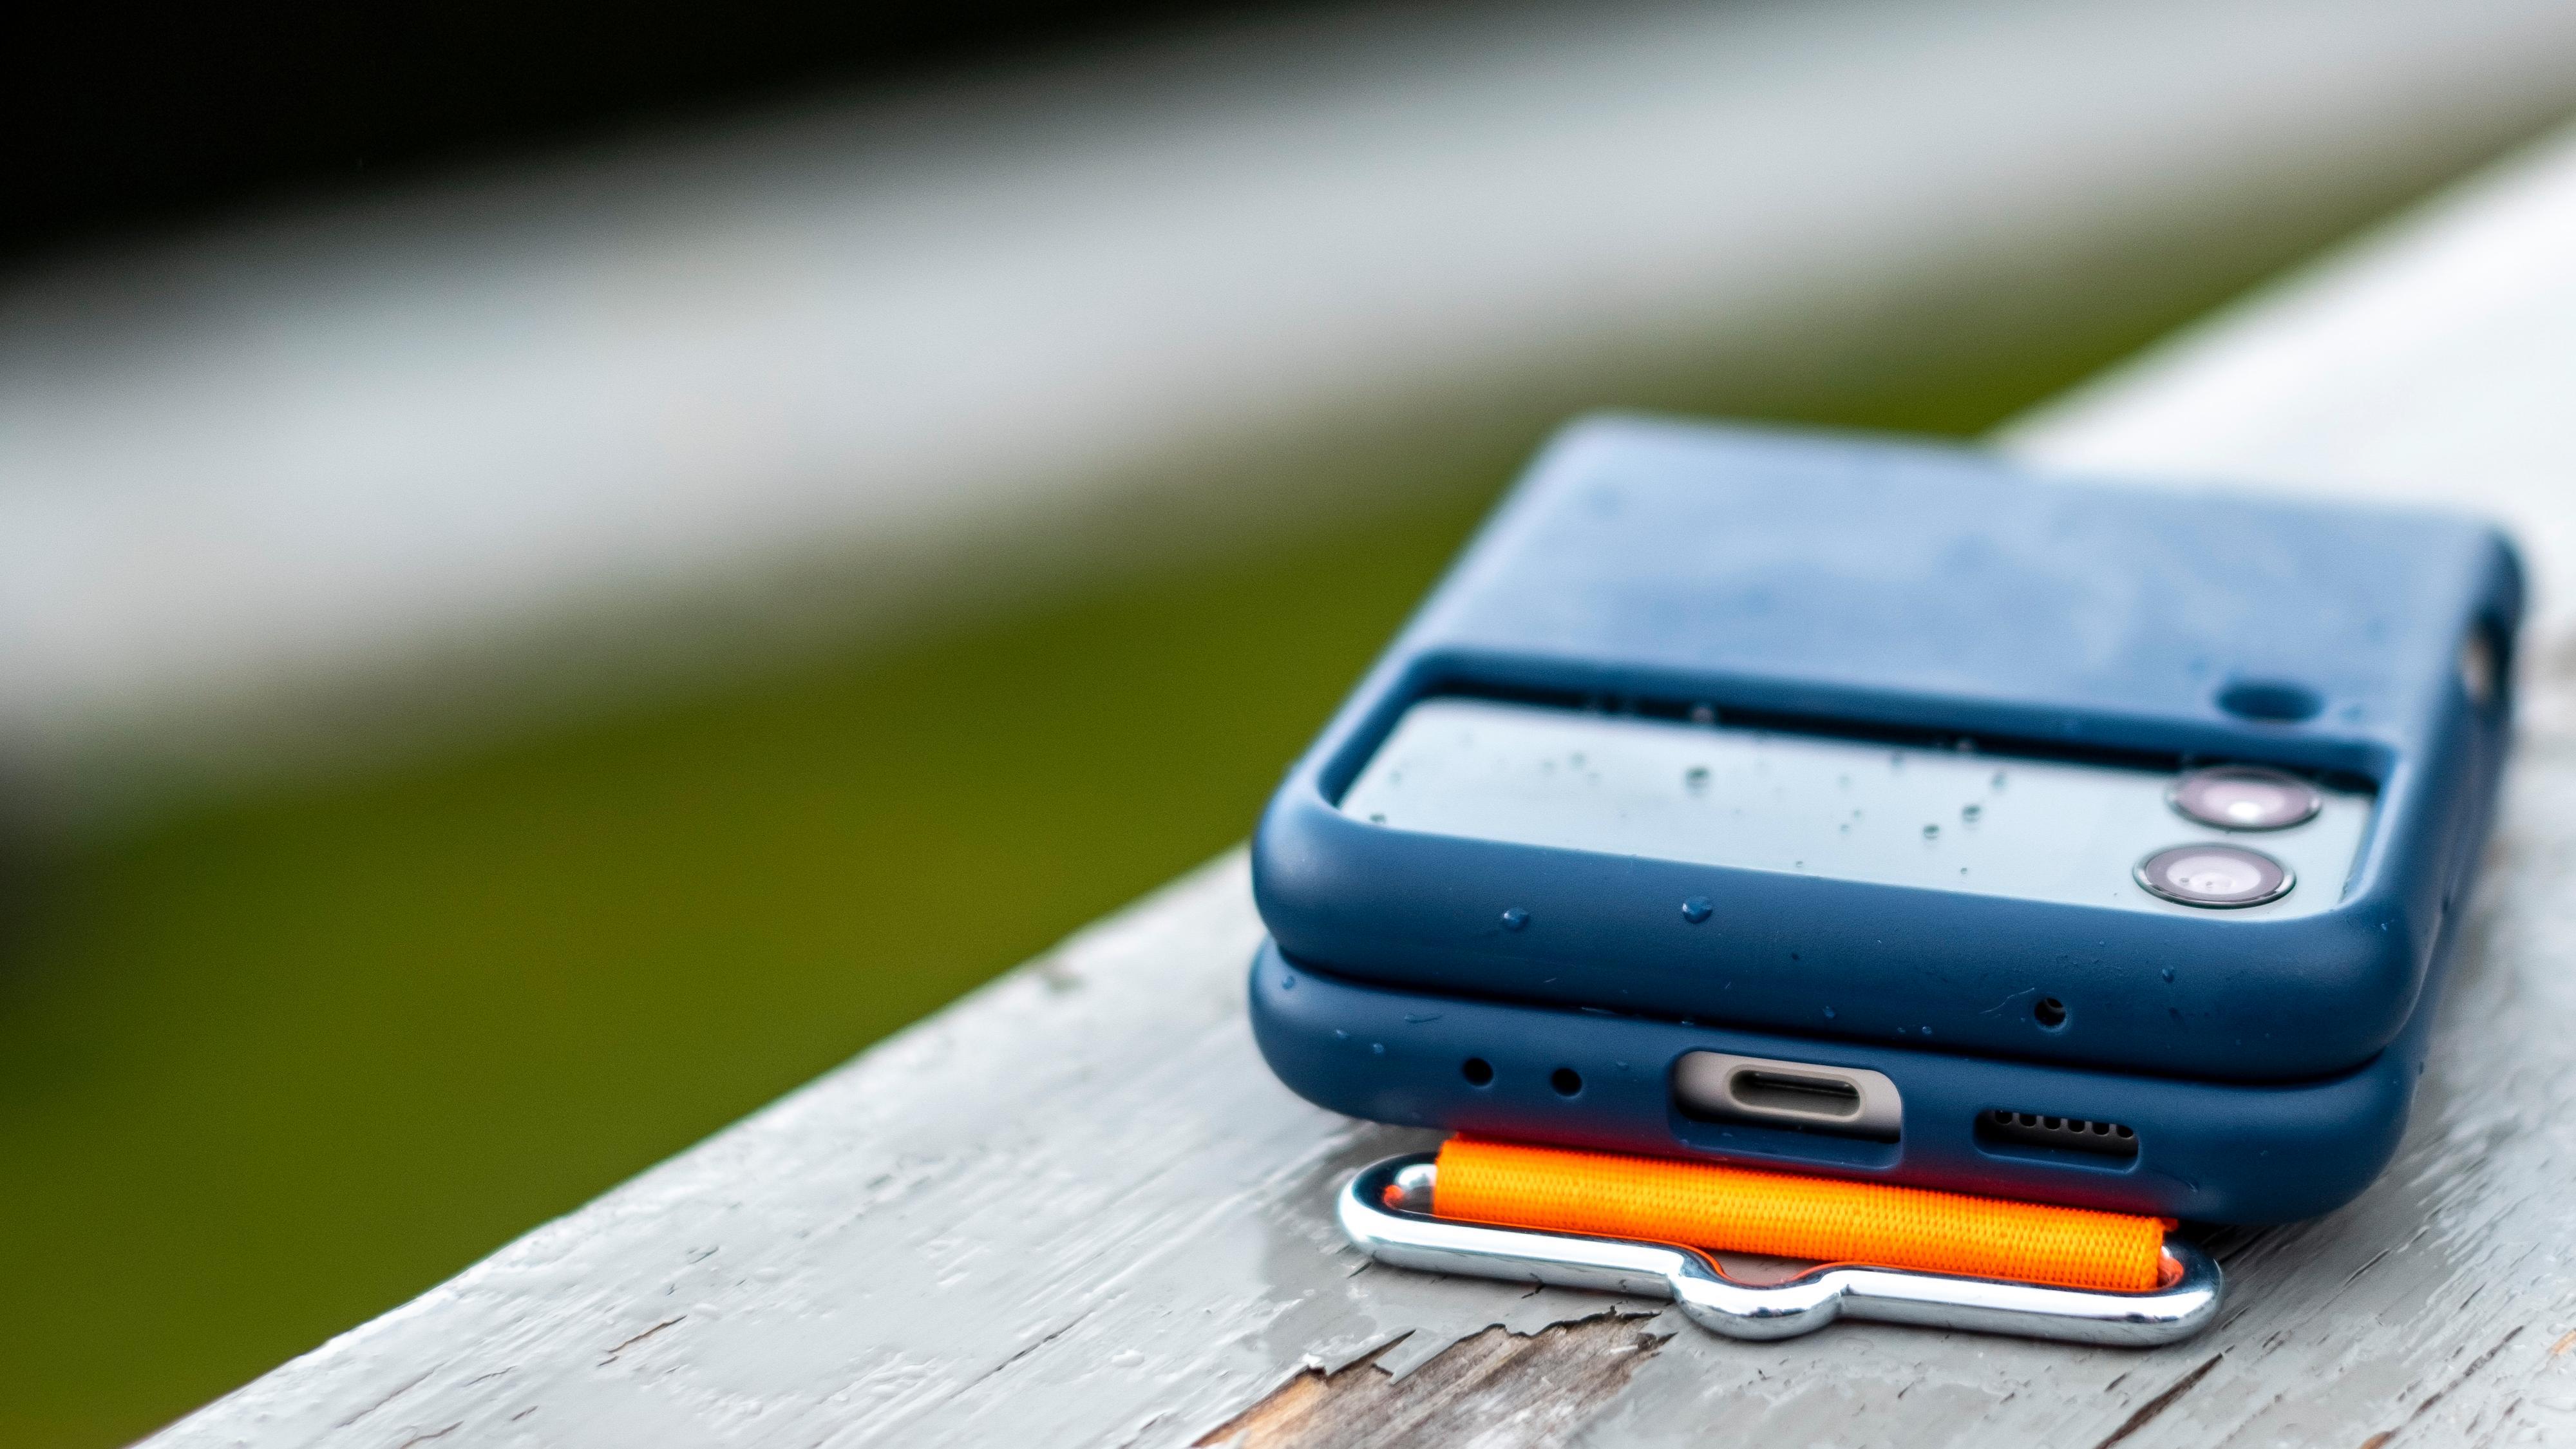 Samsung sier selv at de har nedprioritert masse ekstra funksjoner og «bundling» av tilbehør for å få prisen så hyggelig som mulig på Z Flip 3. Men de har fortsatt et innbytteprogram som kan gi avslag på kjøp av telefonen, og alle telefonene kommer med skjermforsikring inkludert - men du må aktivere den innen 30 dager etter kjøpet.